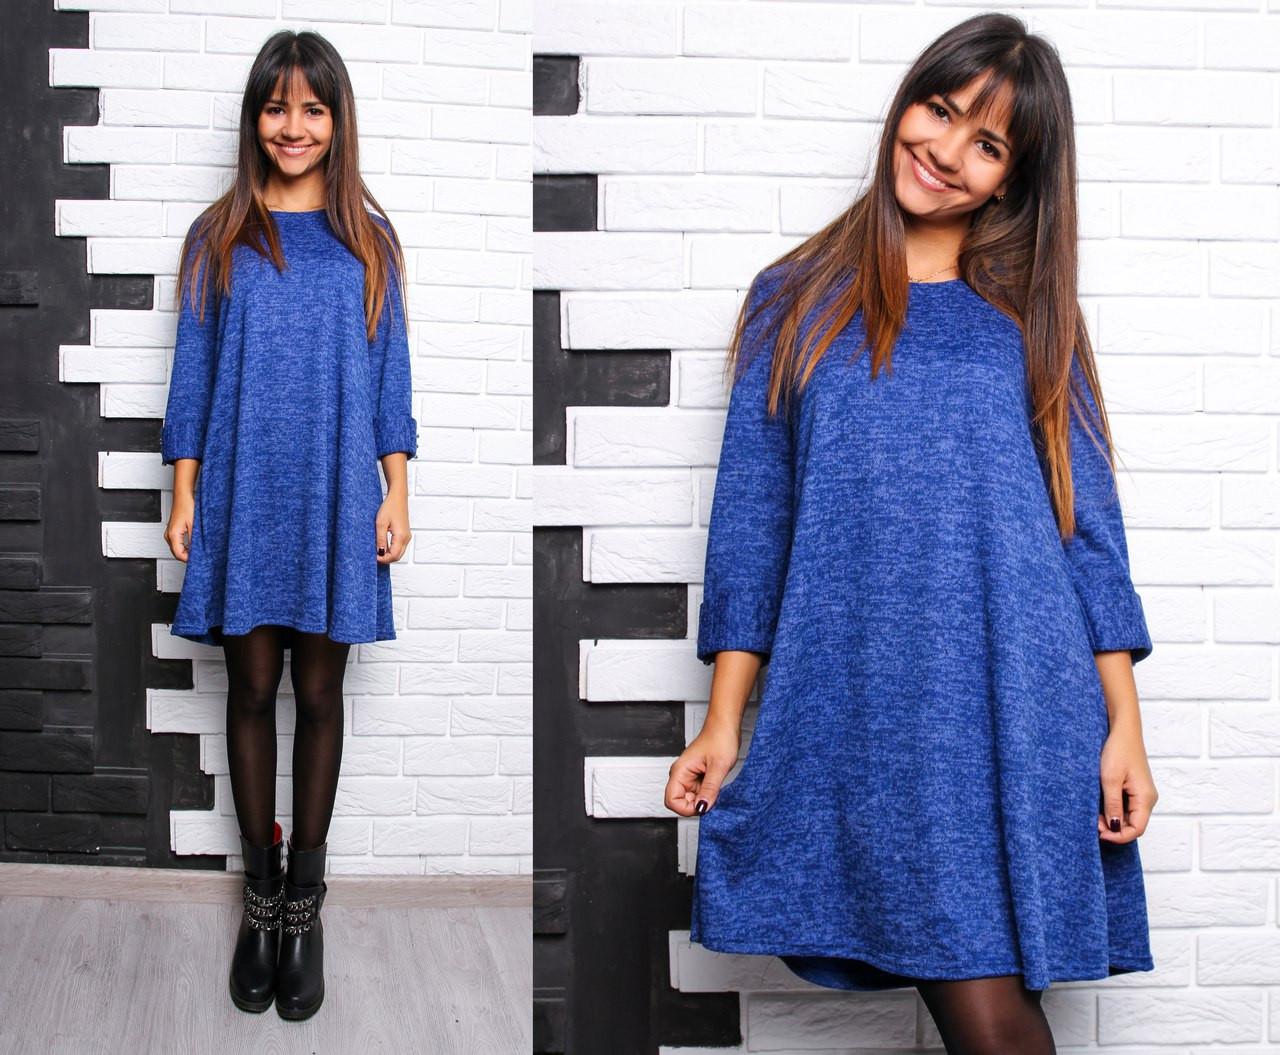 Платье ангоровое, расклешенное, декорировано пуговицами на рукавах, цвет - синий